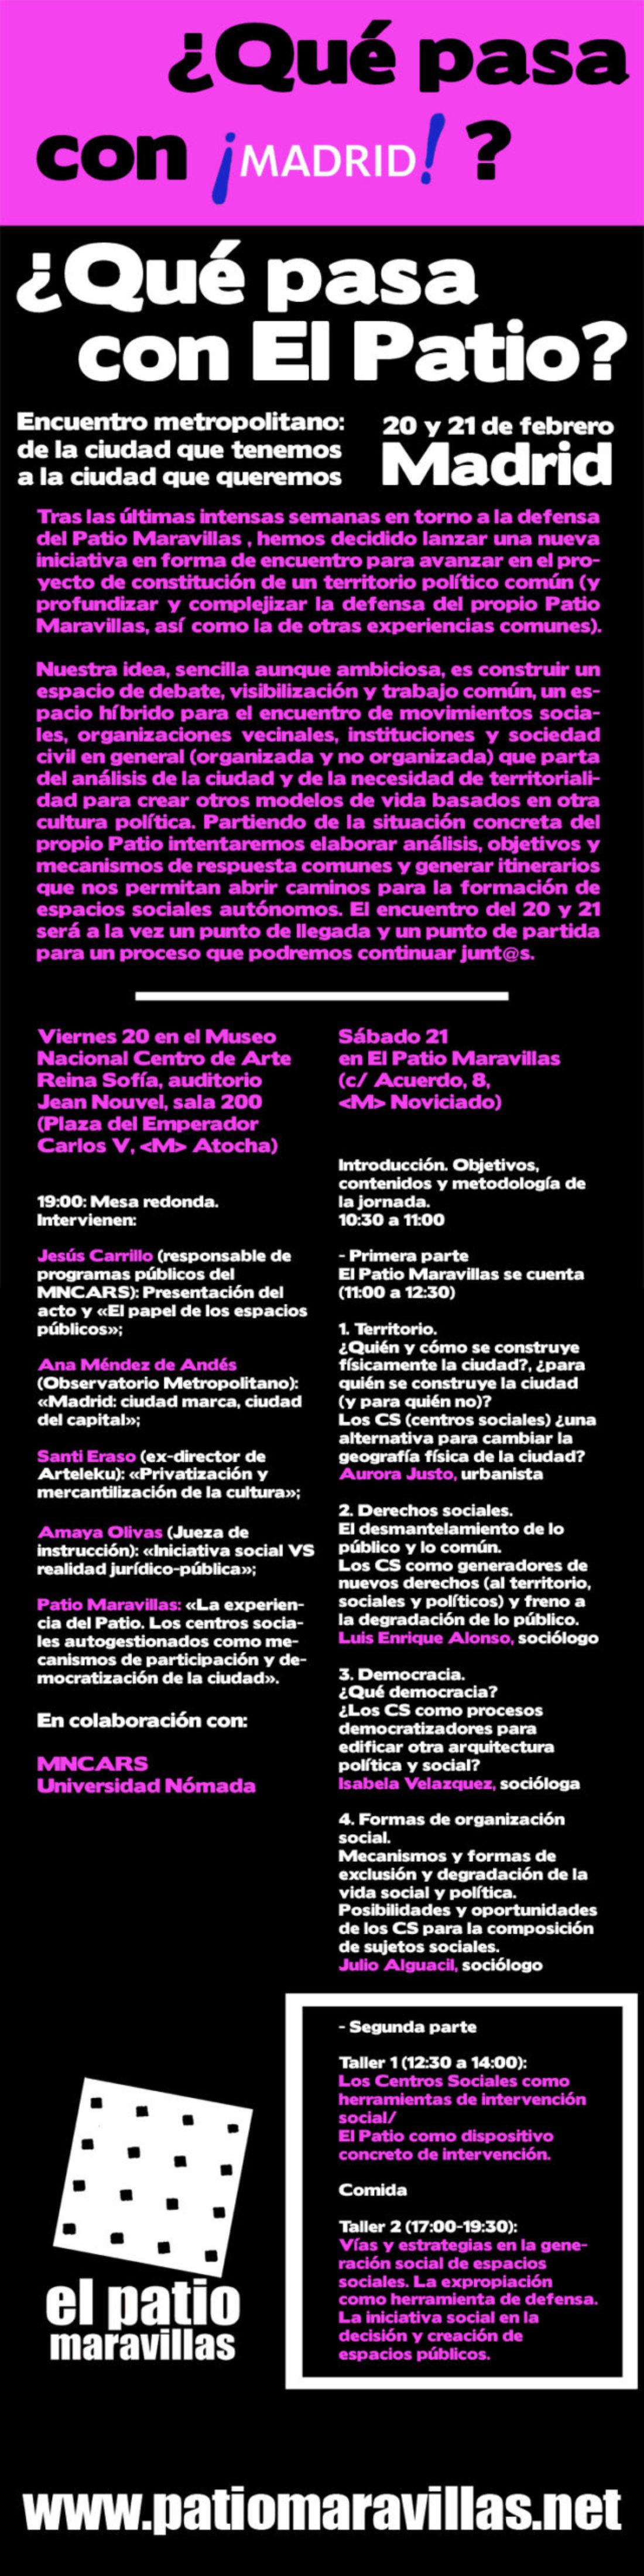 Madrid: apoyo al Patio Maravillas, mesa redonda en el Reina Sofía y +